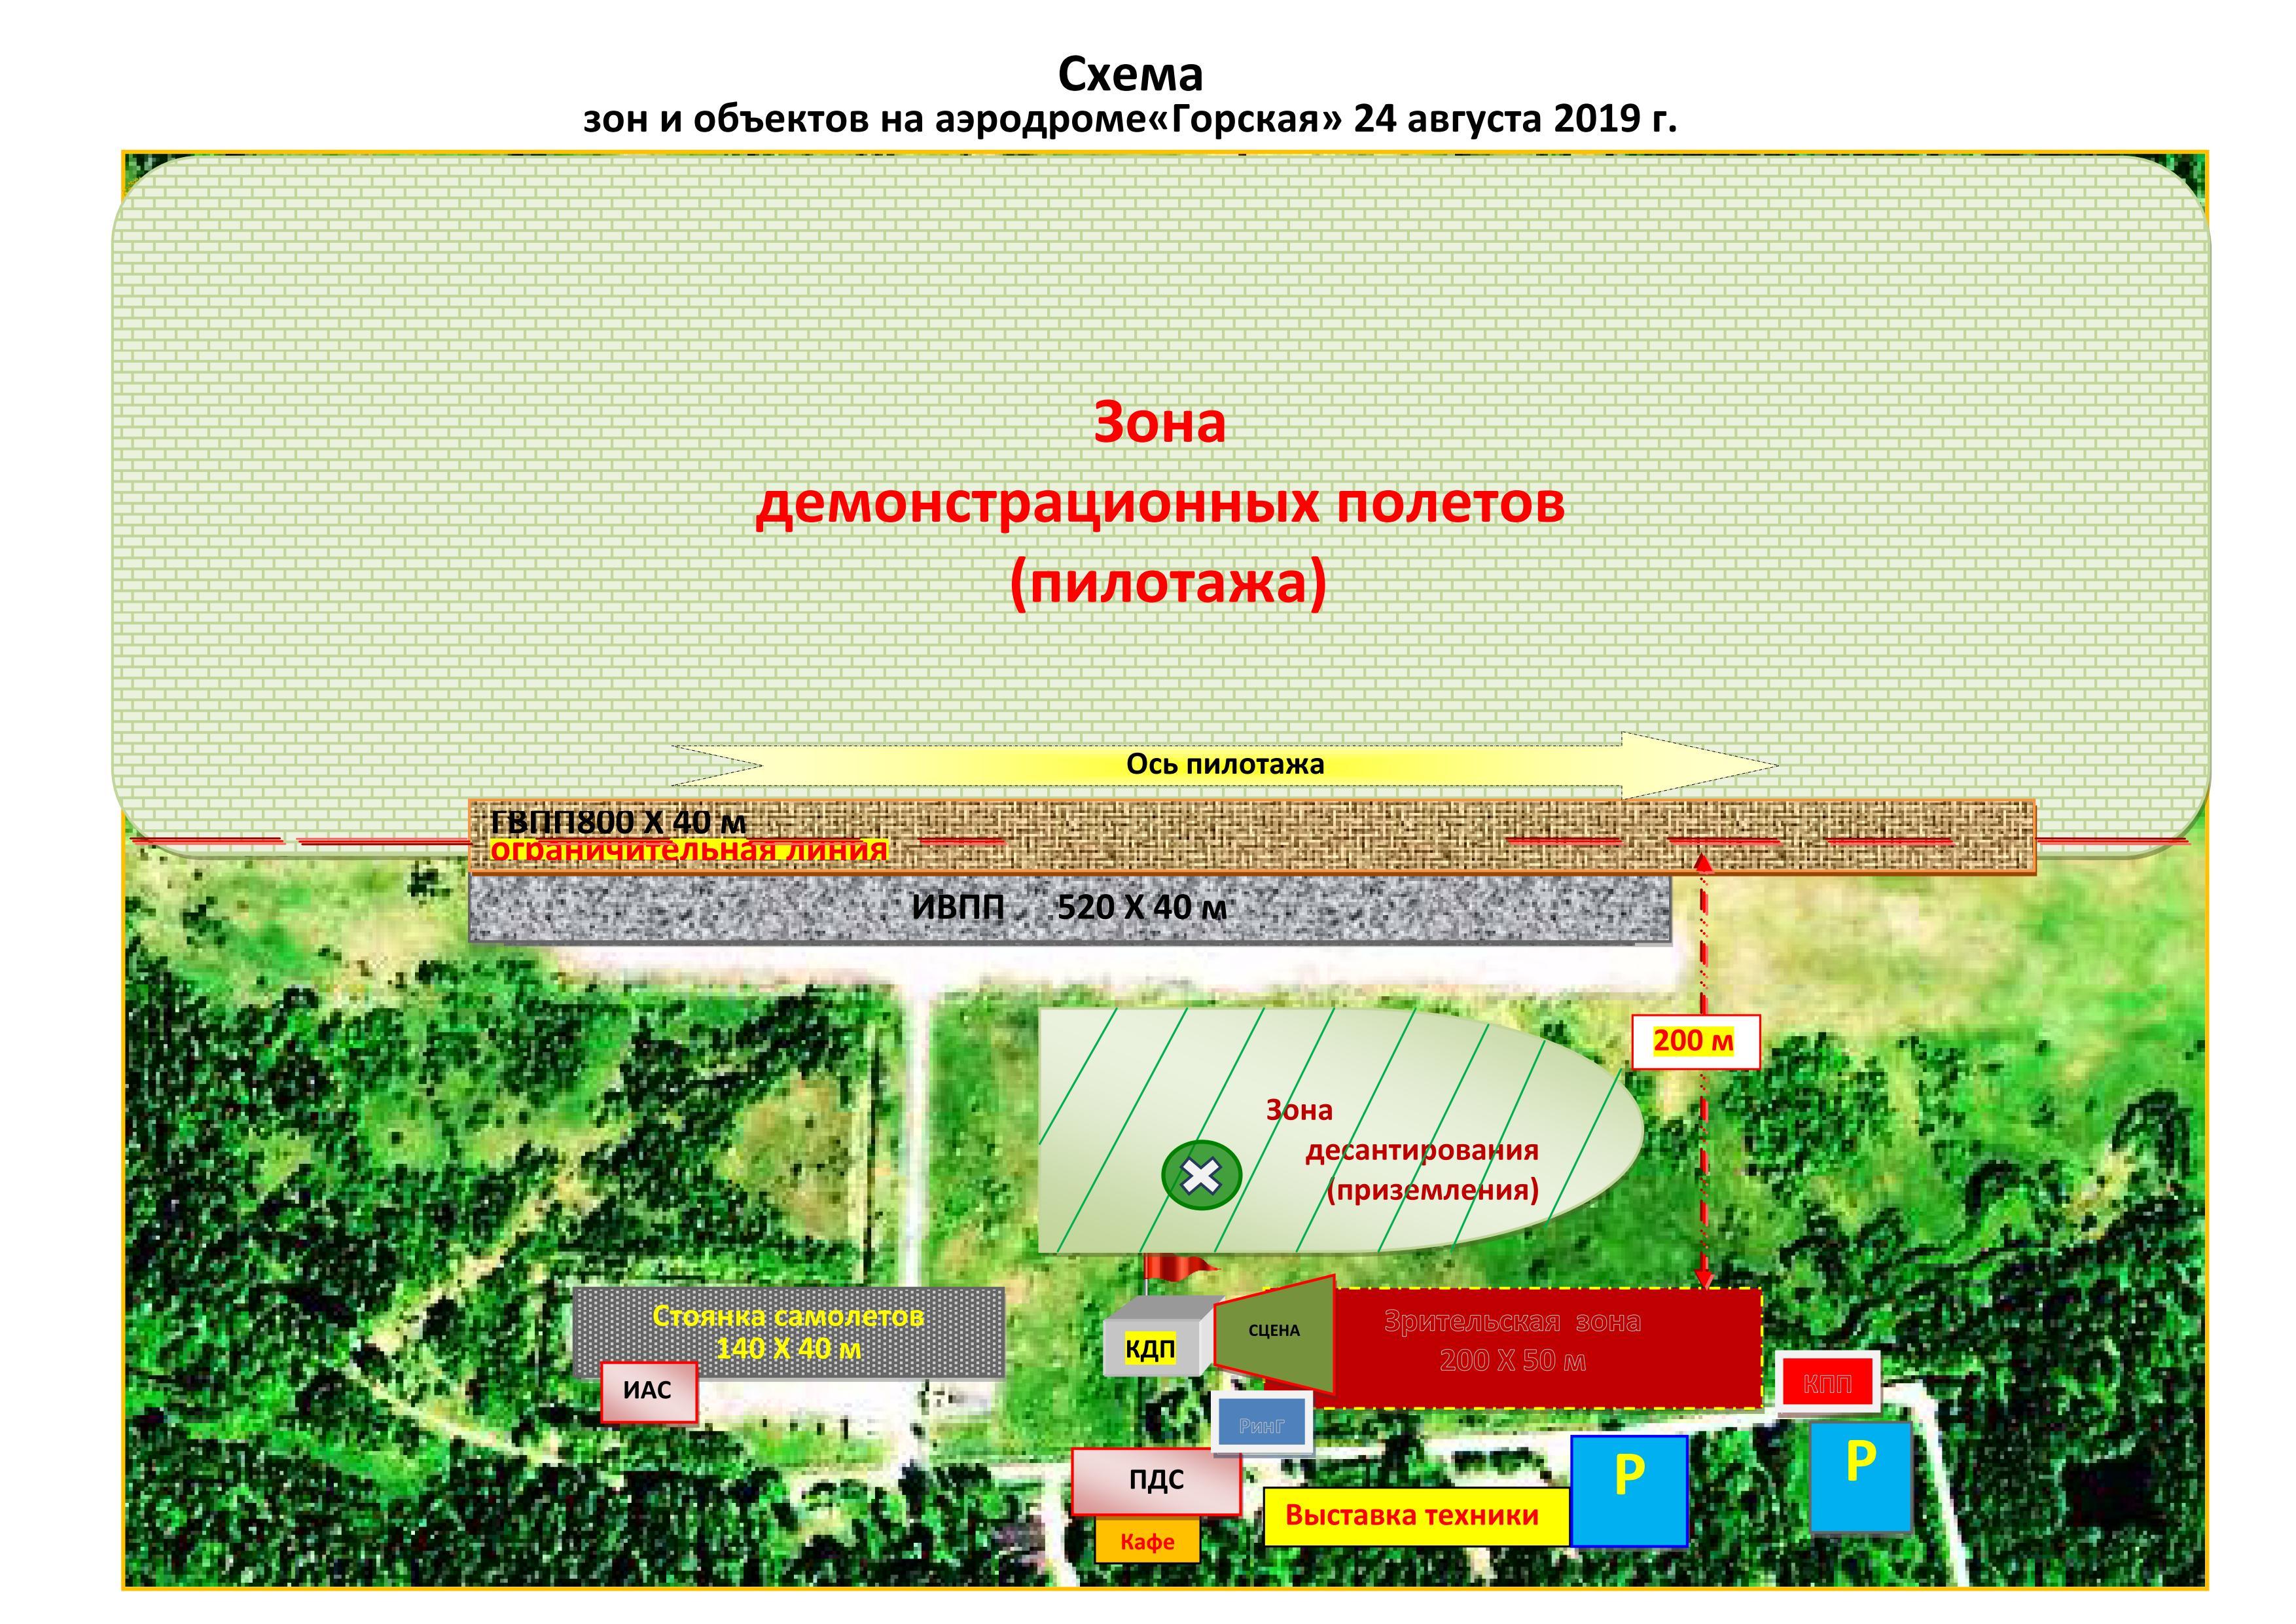 Схема объектов Горская_24 августа 2019-1_01